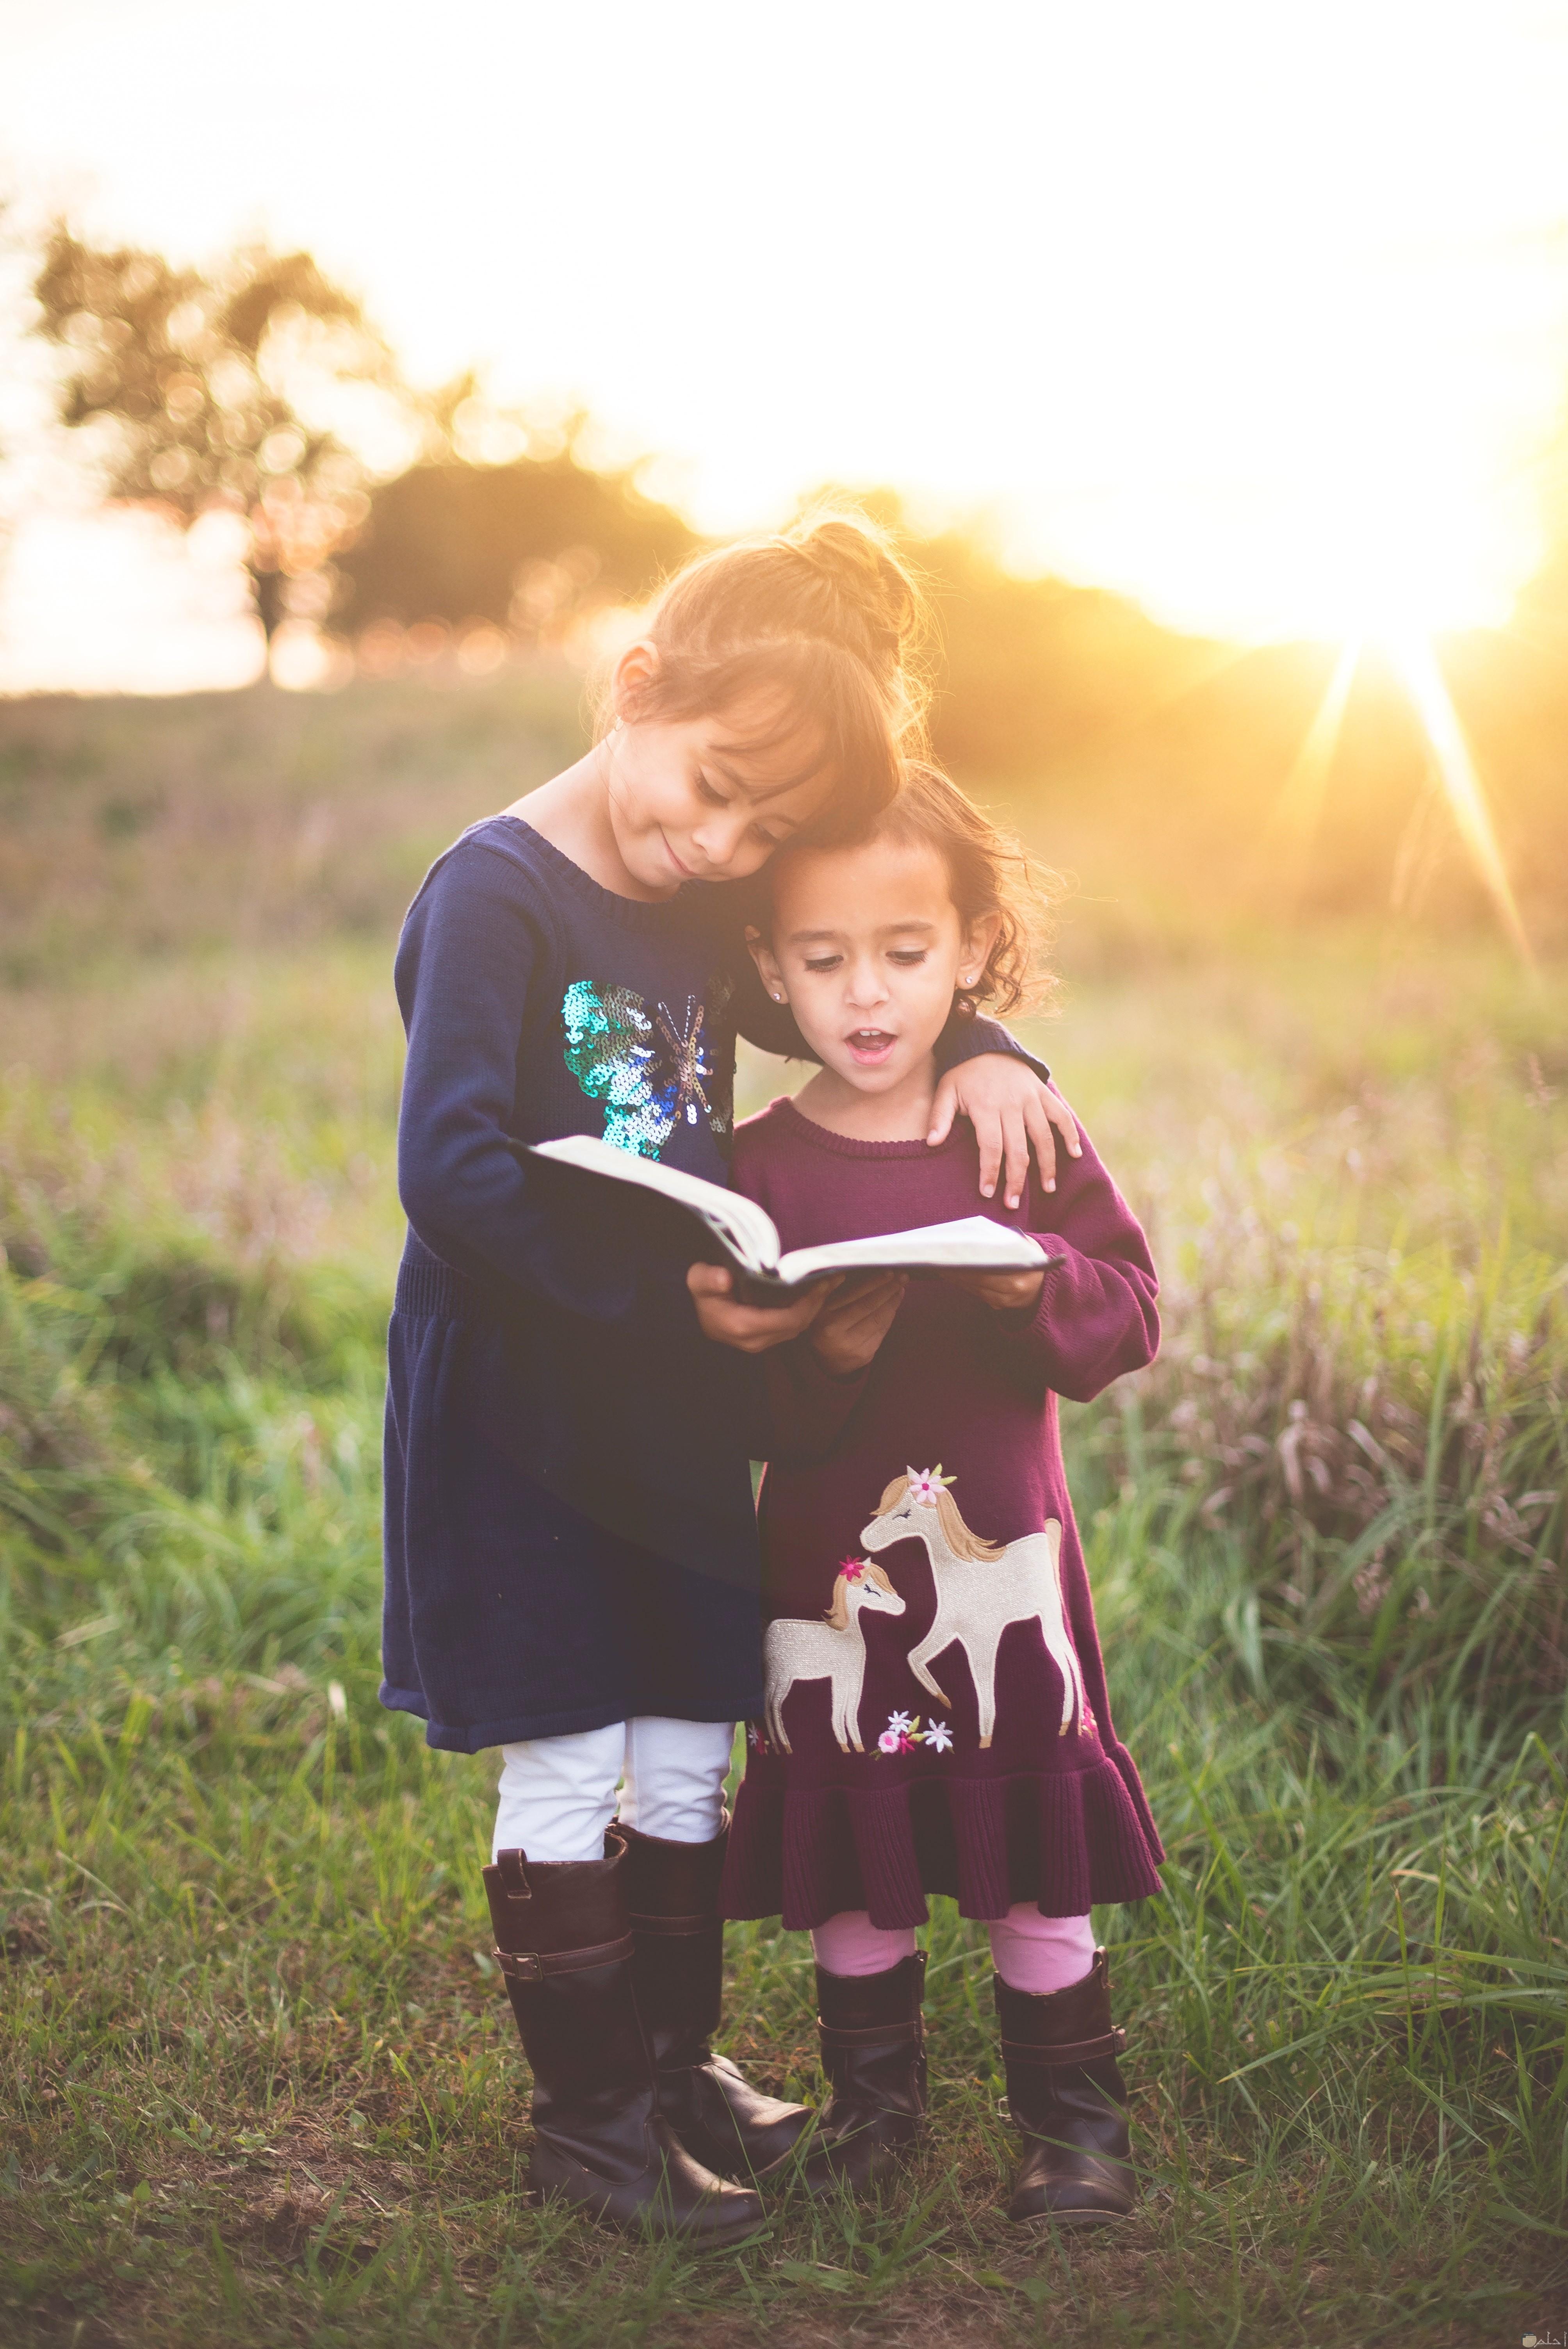 صور بتين يقرئون كتاب